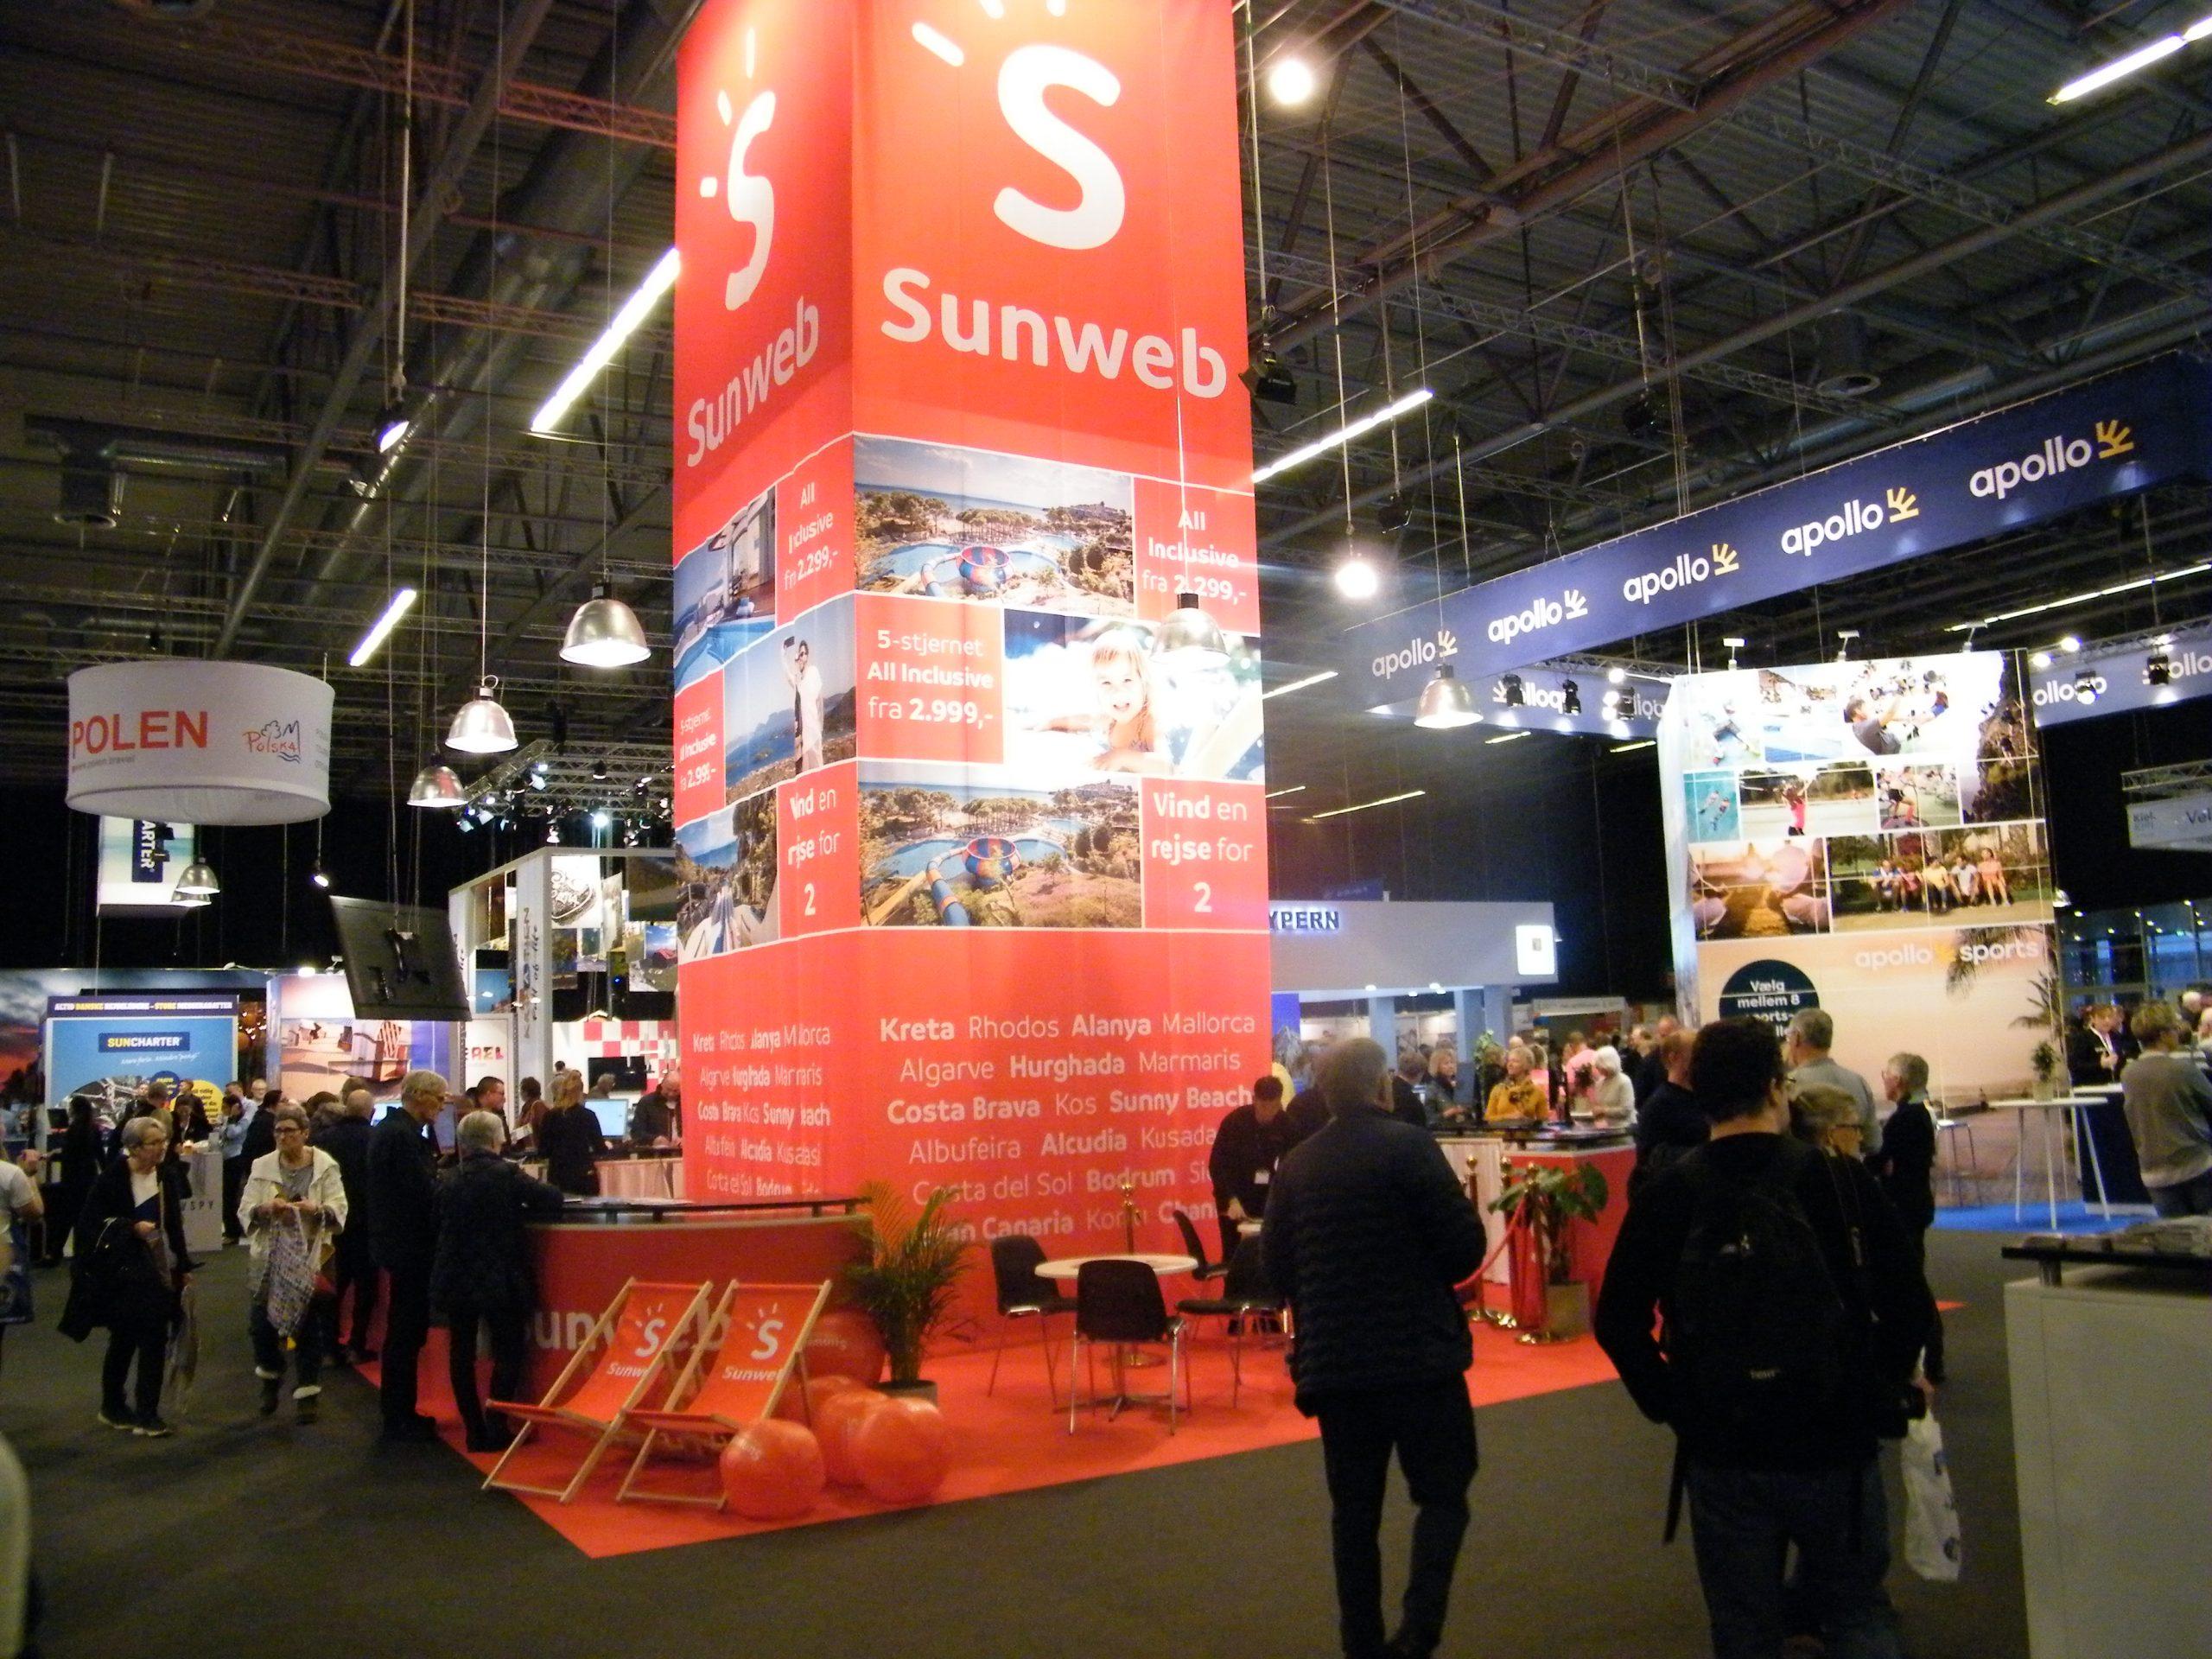 Sunweb, Danmarks femtestørste charterrejsebureau, var atter på plads til årets Ferie for Alle i Messecenter Herning den næstsidste weekend i februar. Tre uger senere lukkede coronakrisen også de danske grænser. Foto: Henrik Baumgarten.